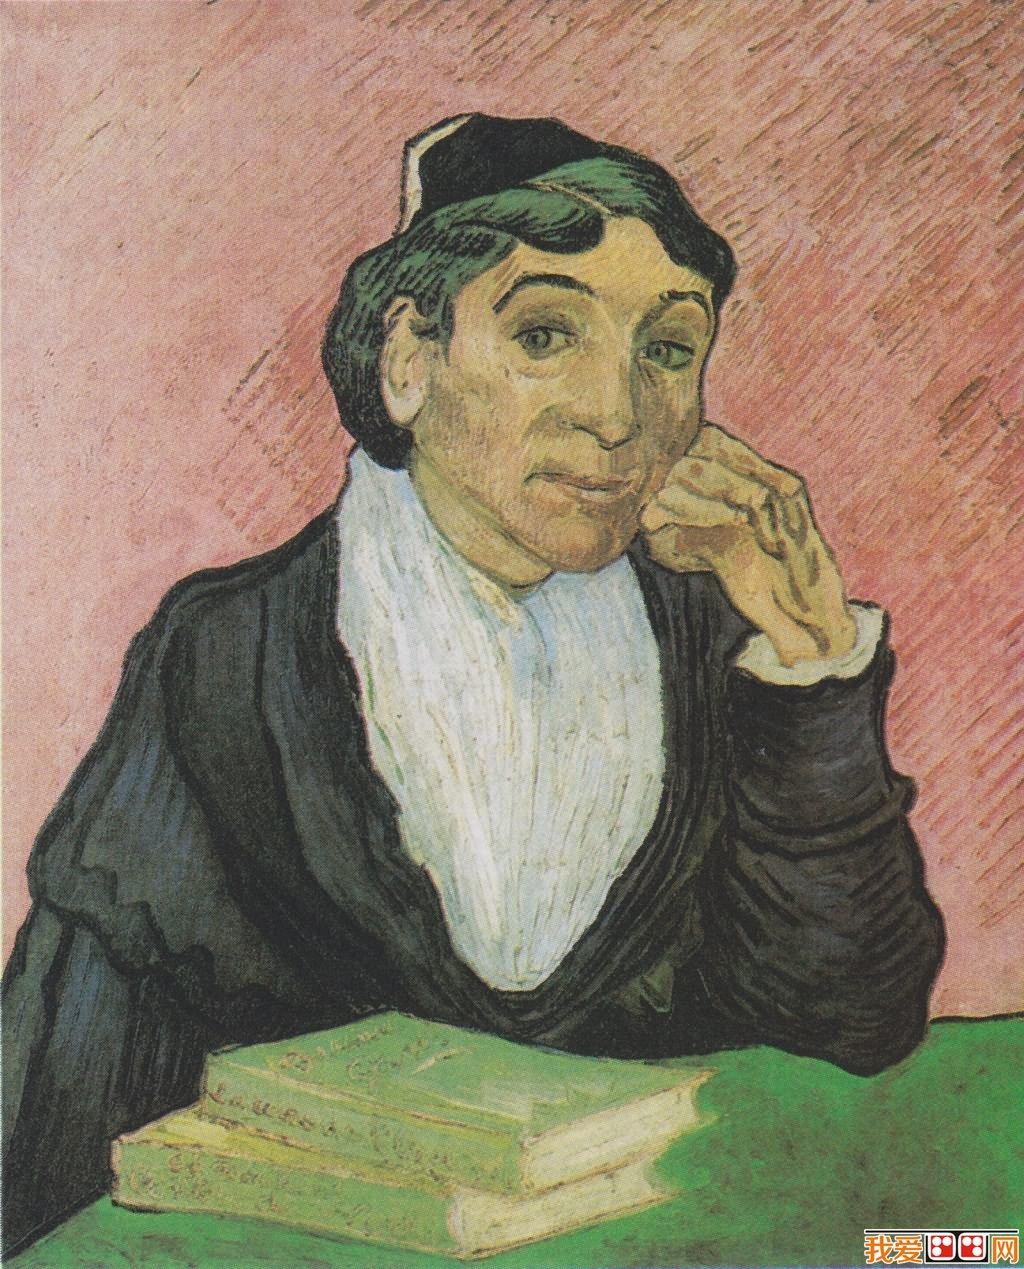 印象派画家梵高人物肖像油画作品欣赏 6